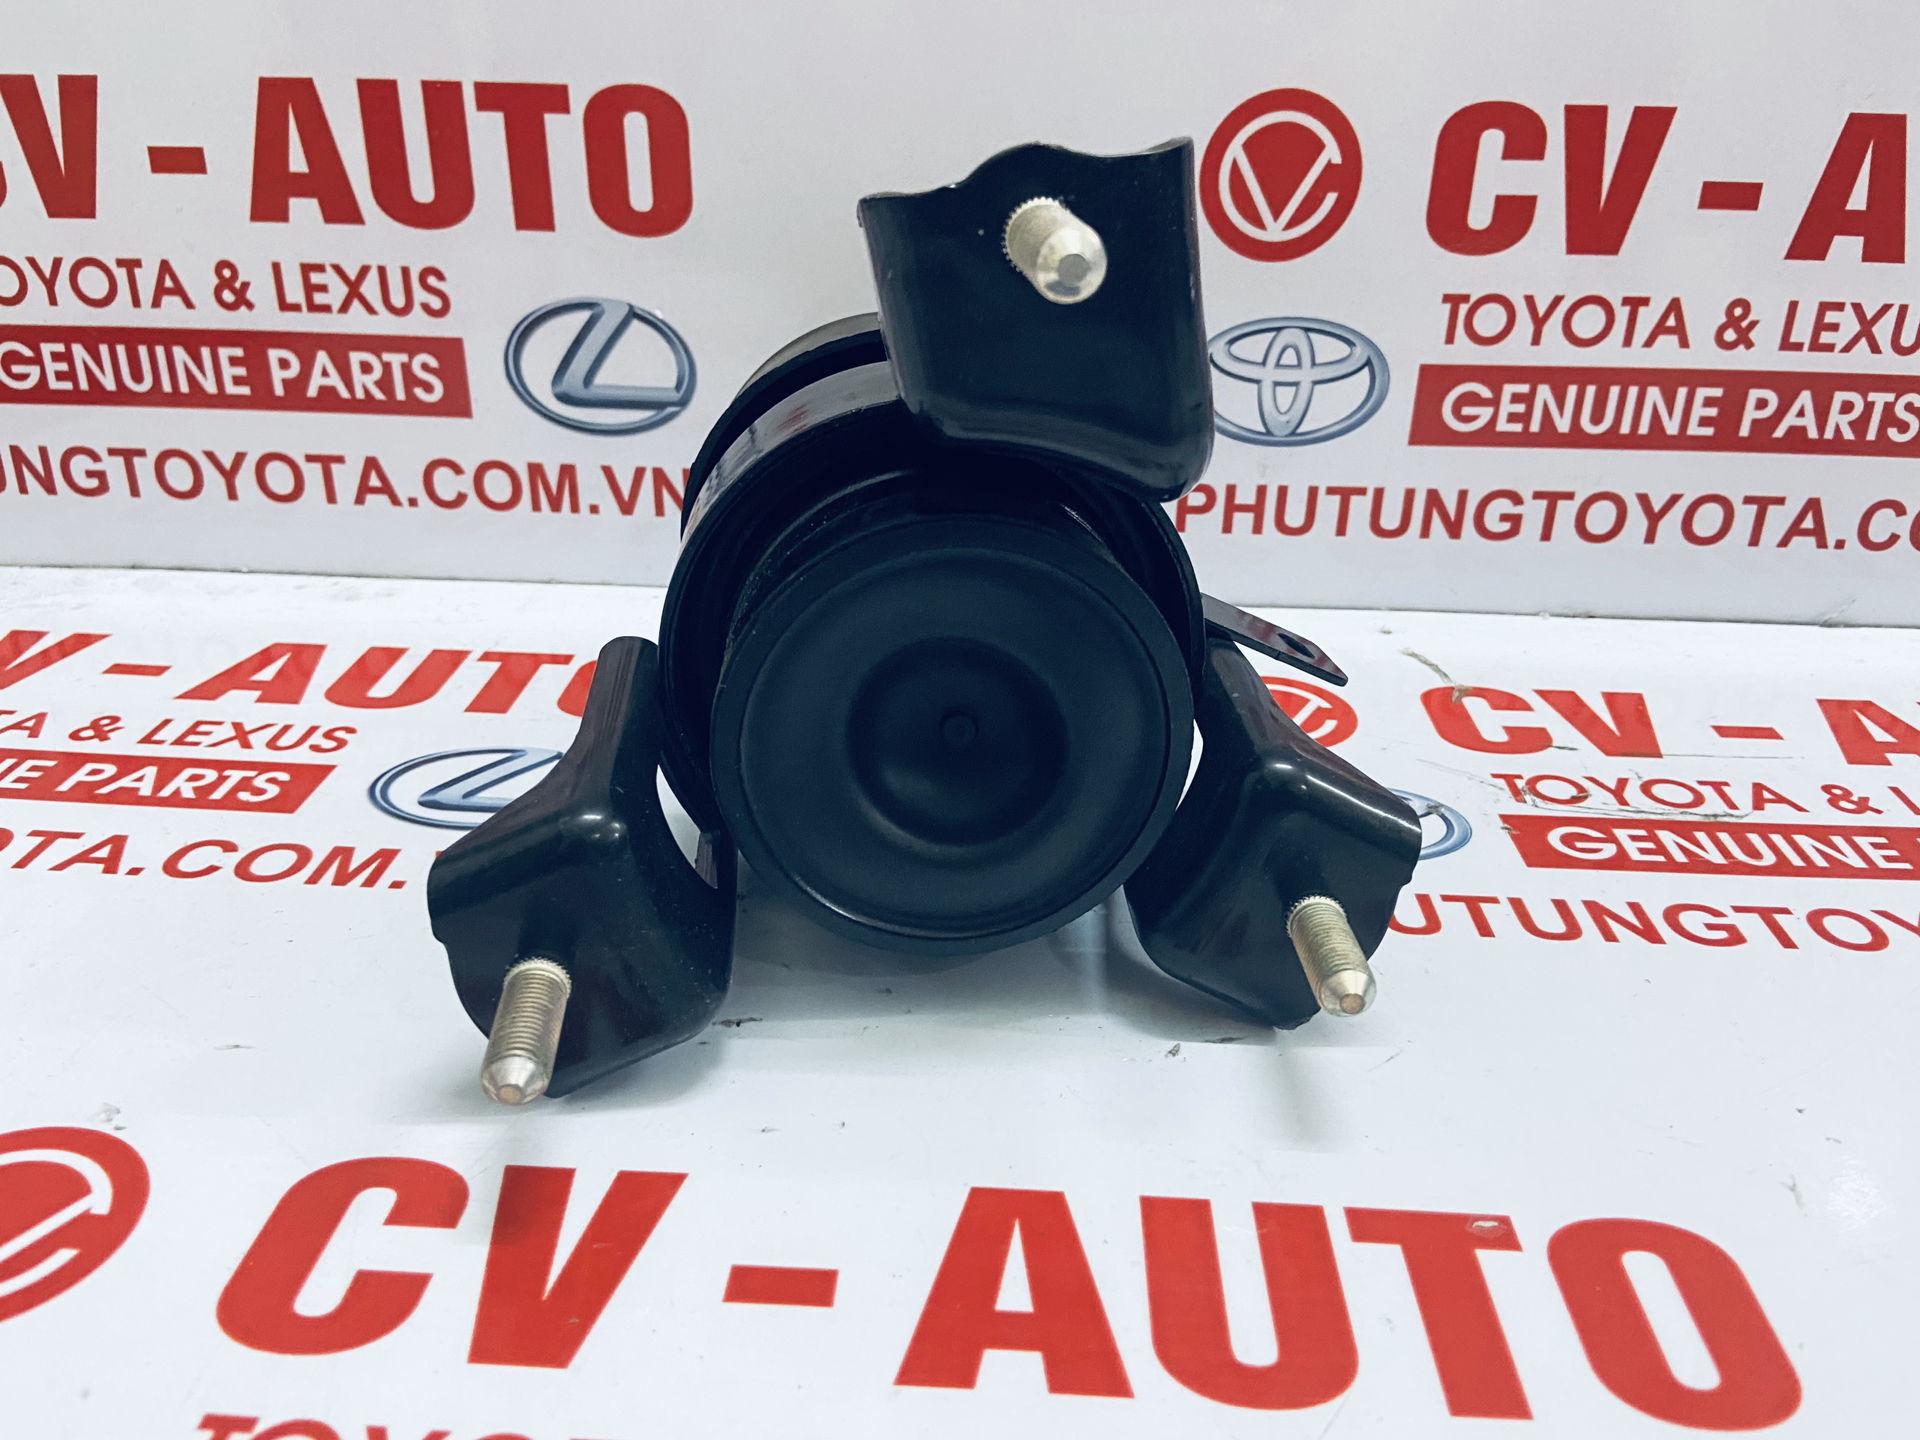 Picture of 12361-28221 Chân máy Toyota Camry ACV40 chính hãng